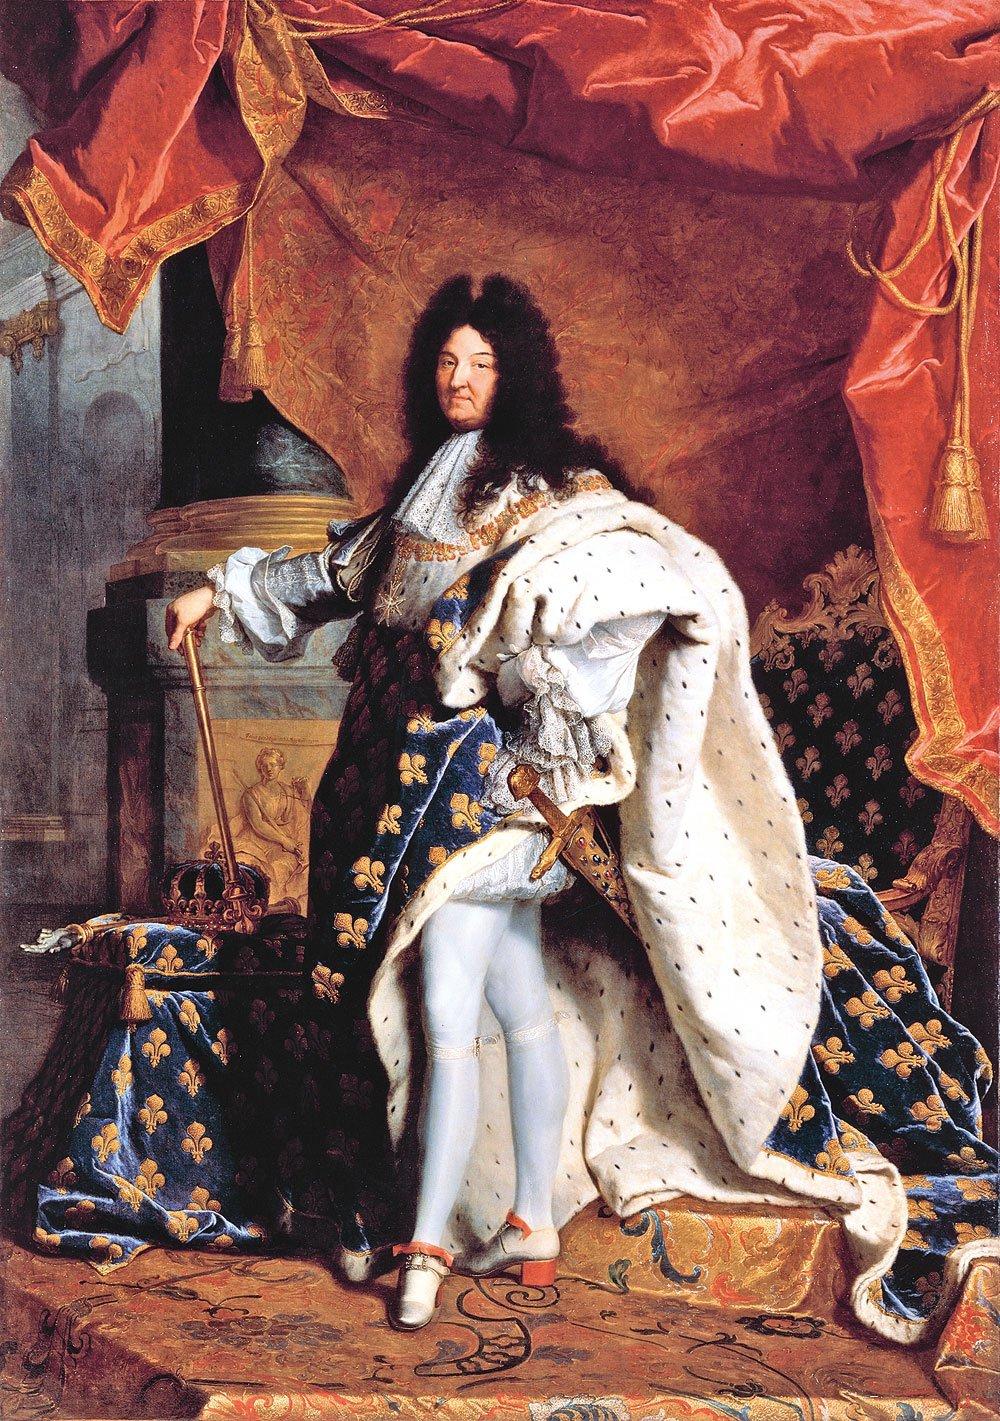 引領時代風潮的法國國王路易十四。(公有領域)